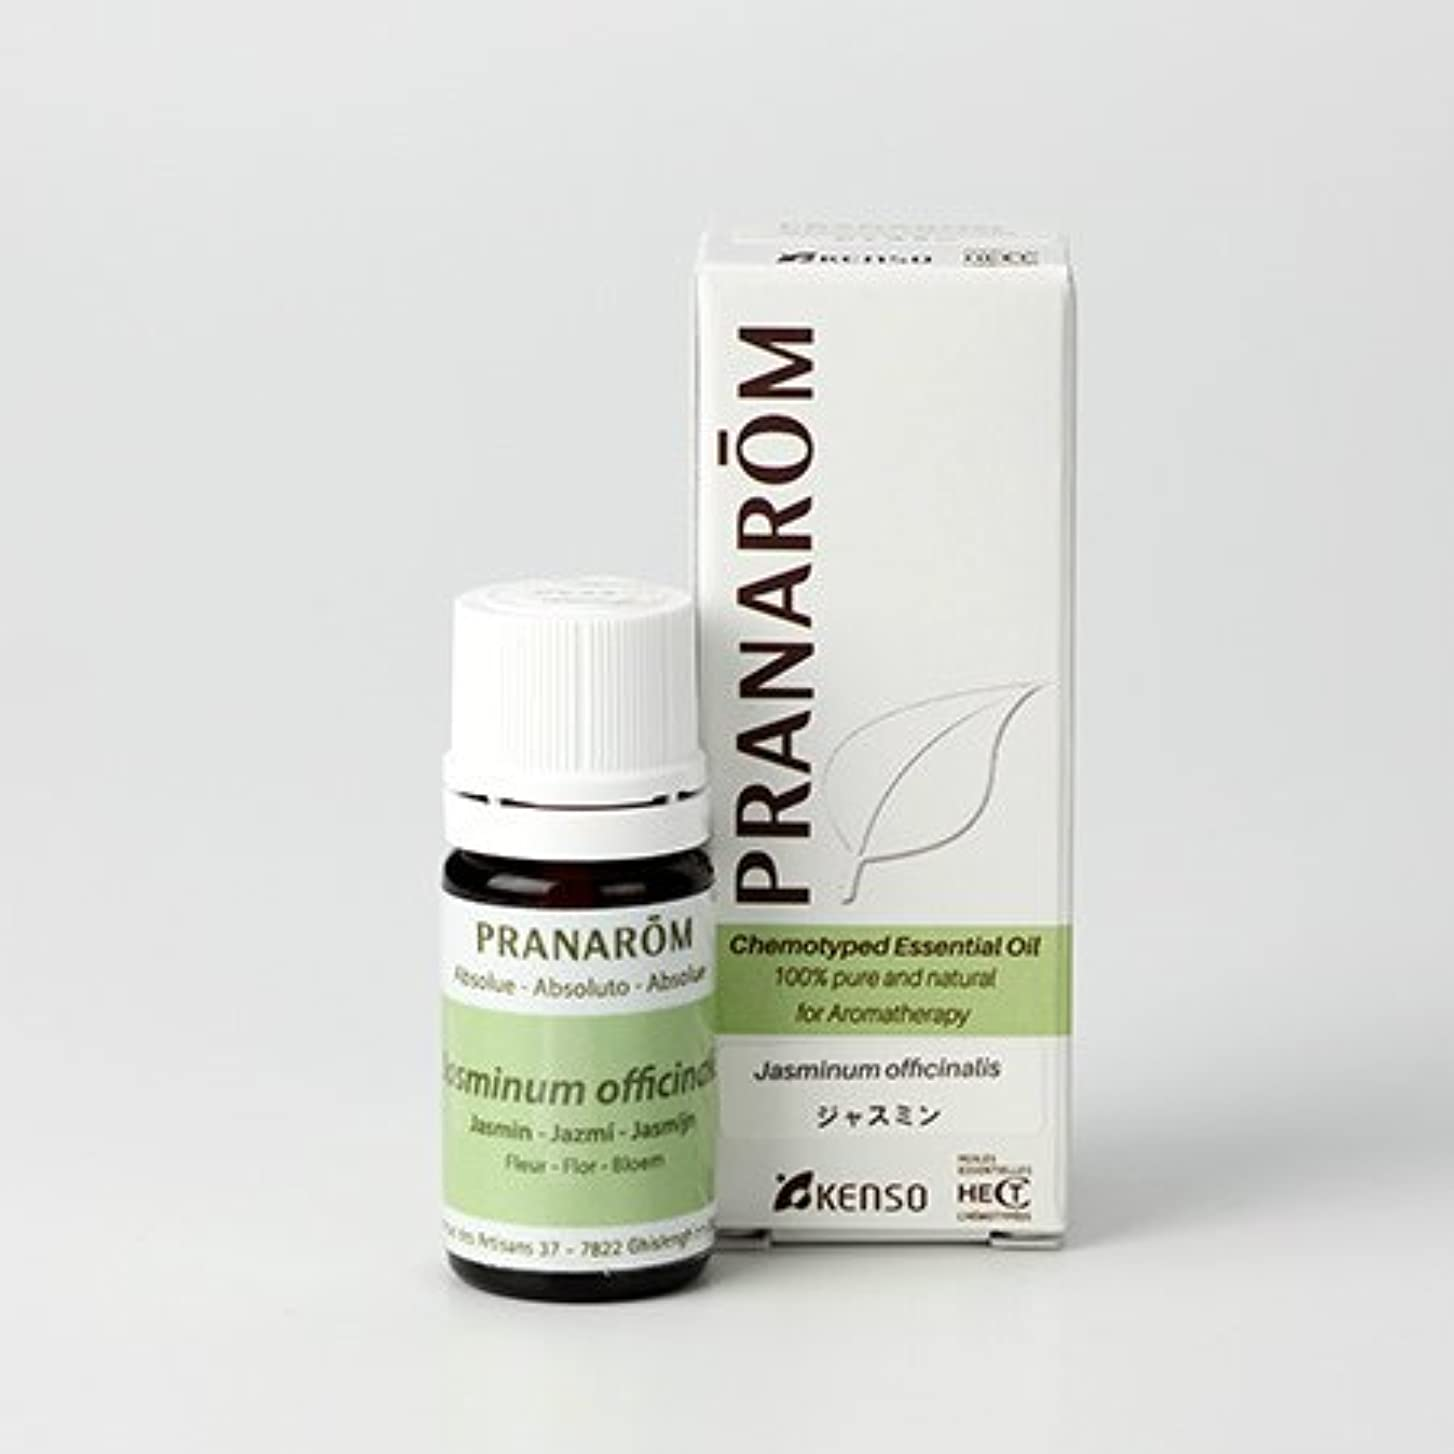 バンドル洋服能力プラナロム ジャスミンAbs. 5ml (PRANAROM ケモタイプ精油)